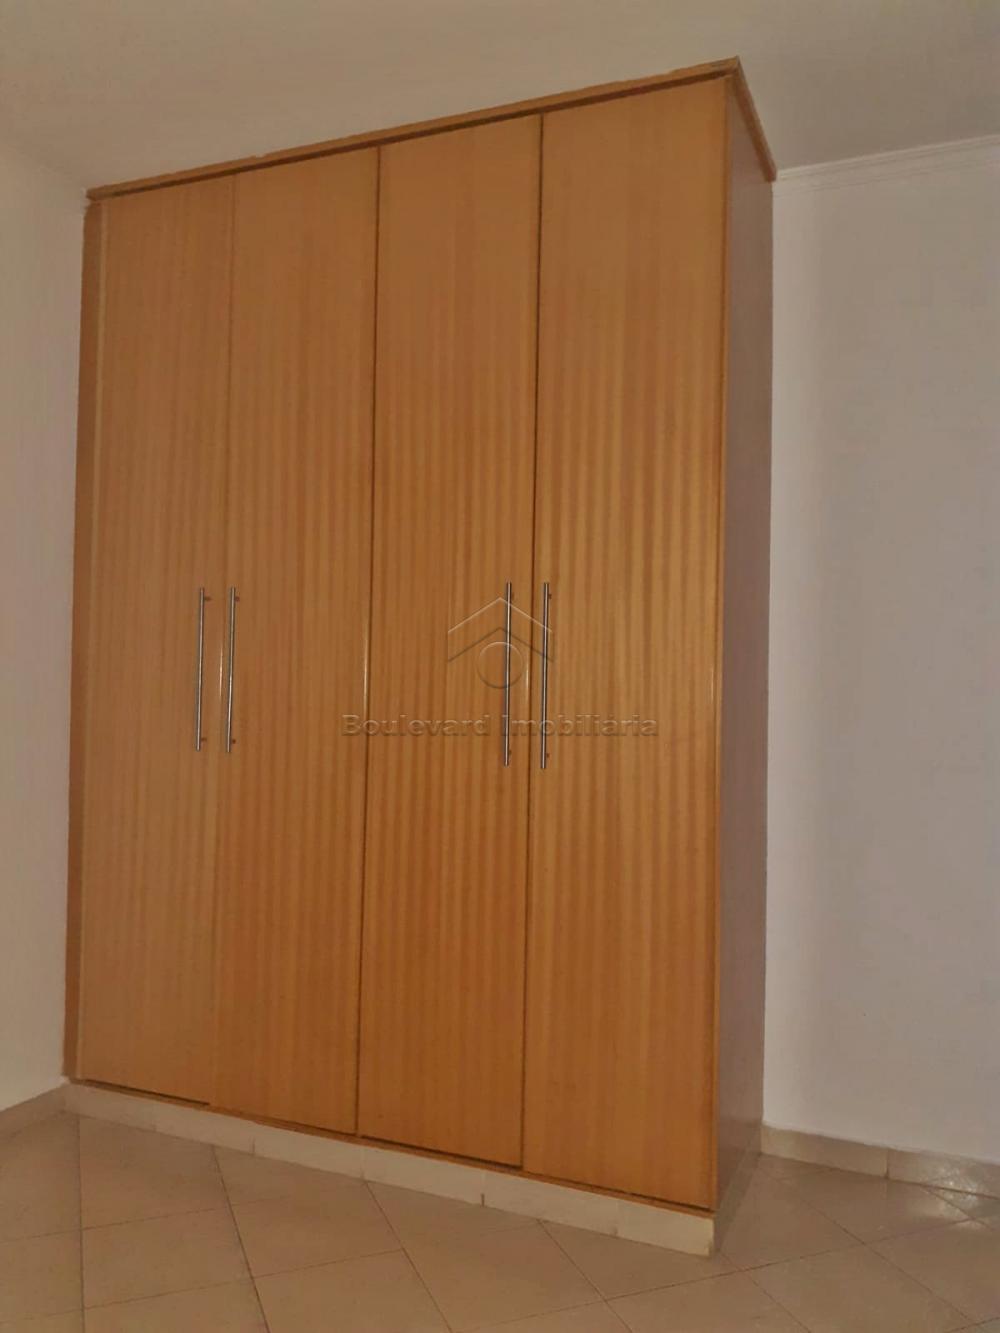 Alugar Apartamento / Padrão em Ribeirão Preto R$ 2.600,00 - Foto 22